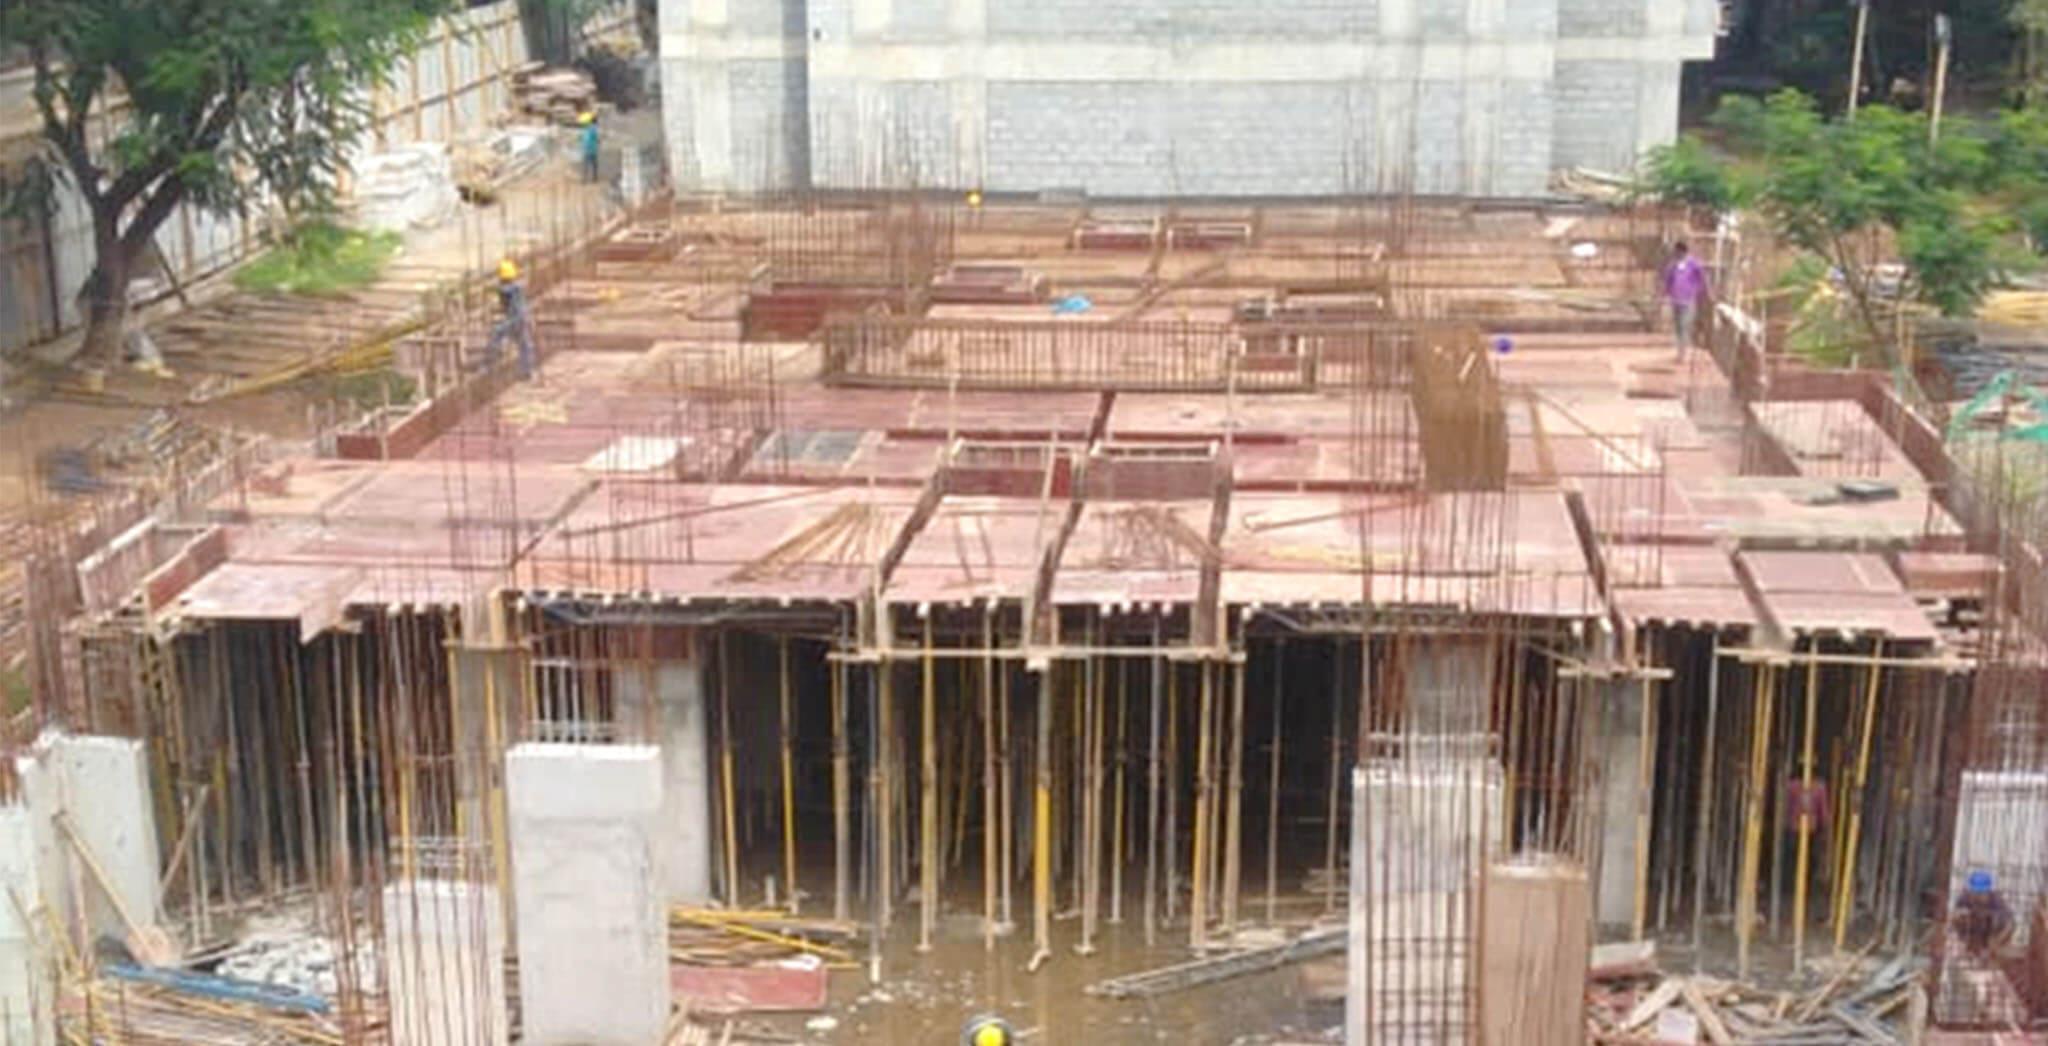 Aug 2020 - D Block : Ground floor beam reinforcement work-in-progress.